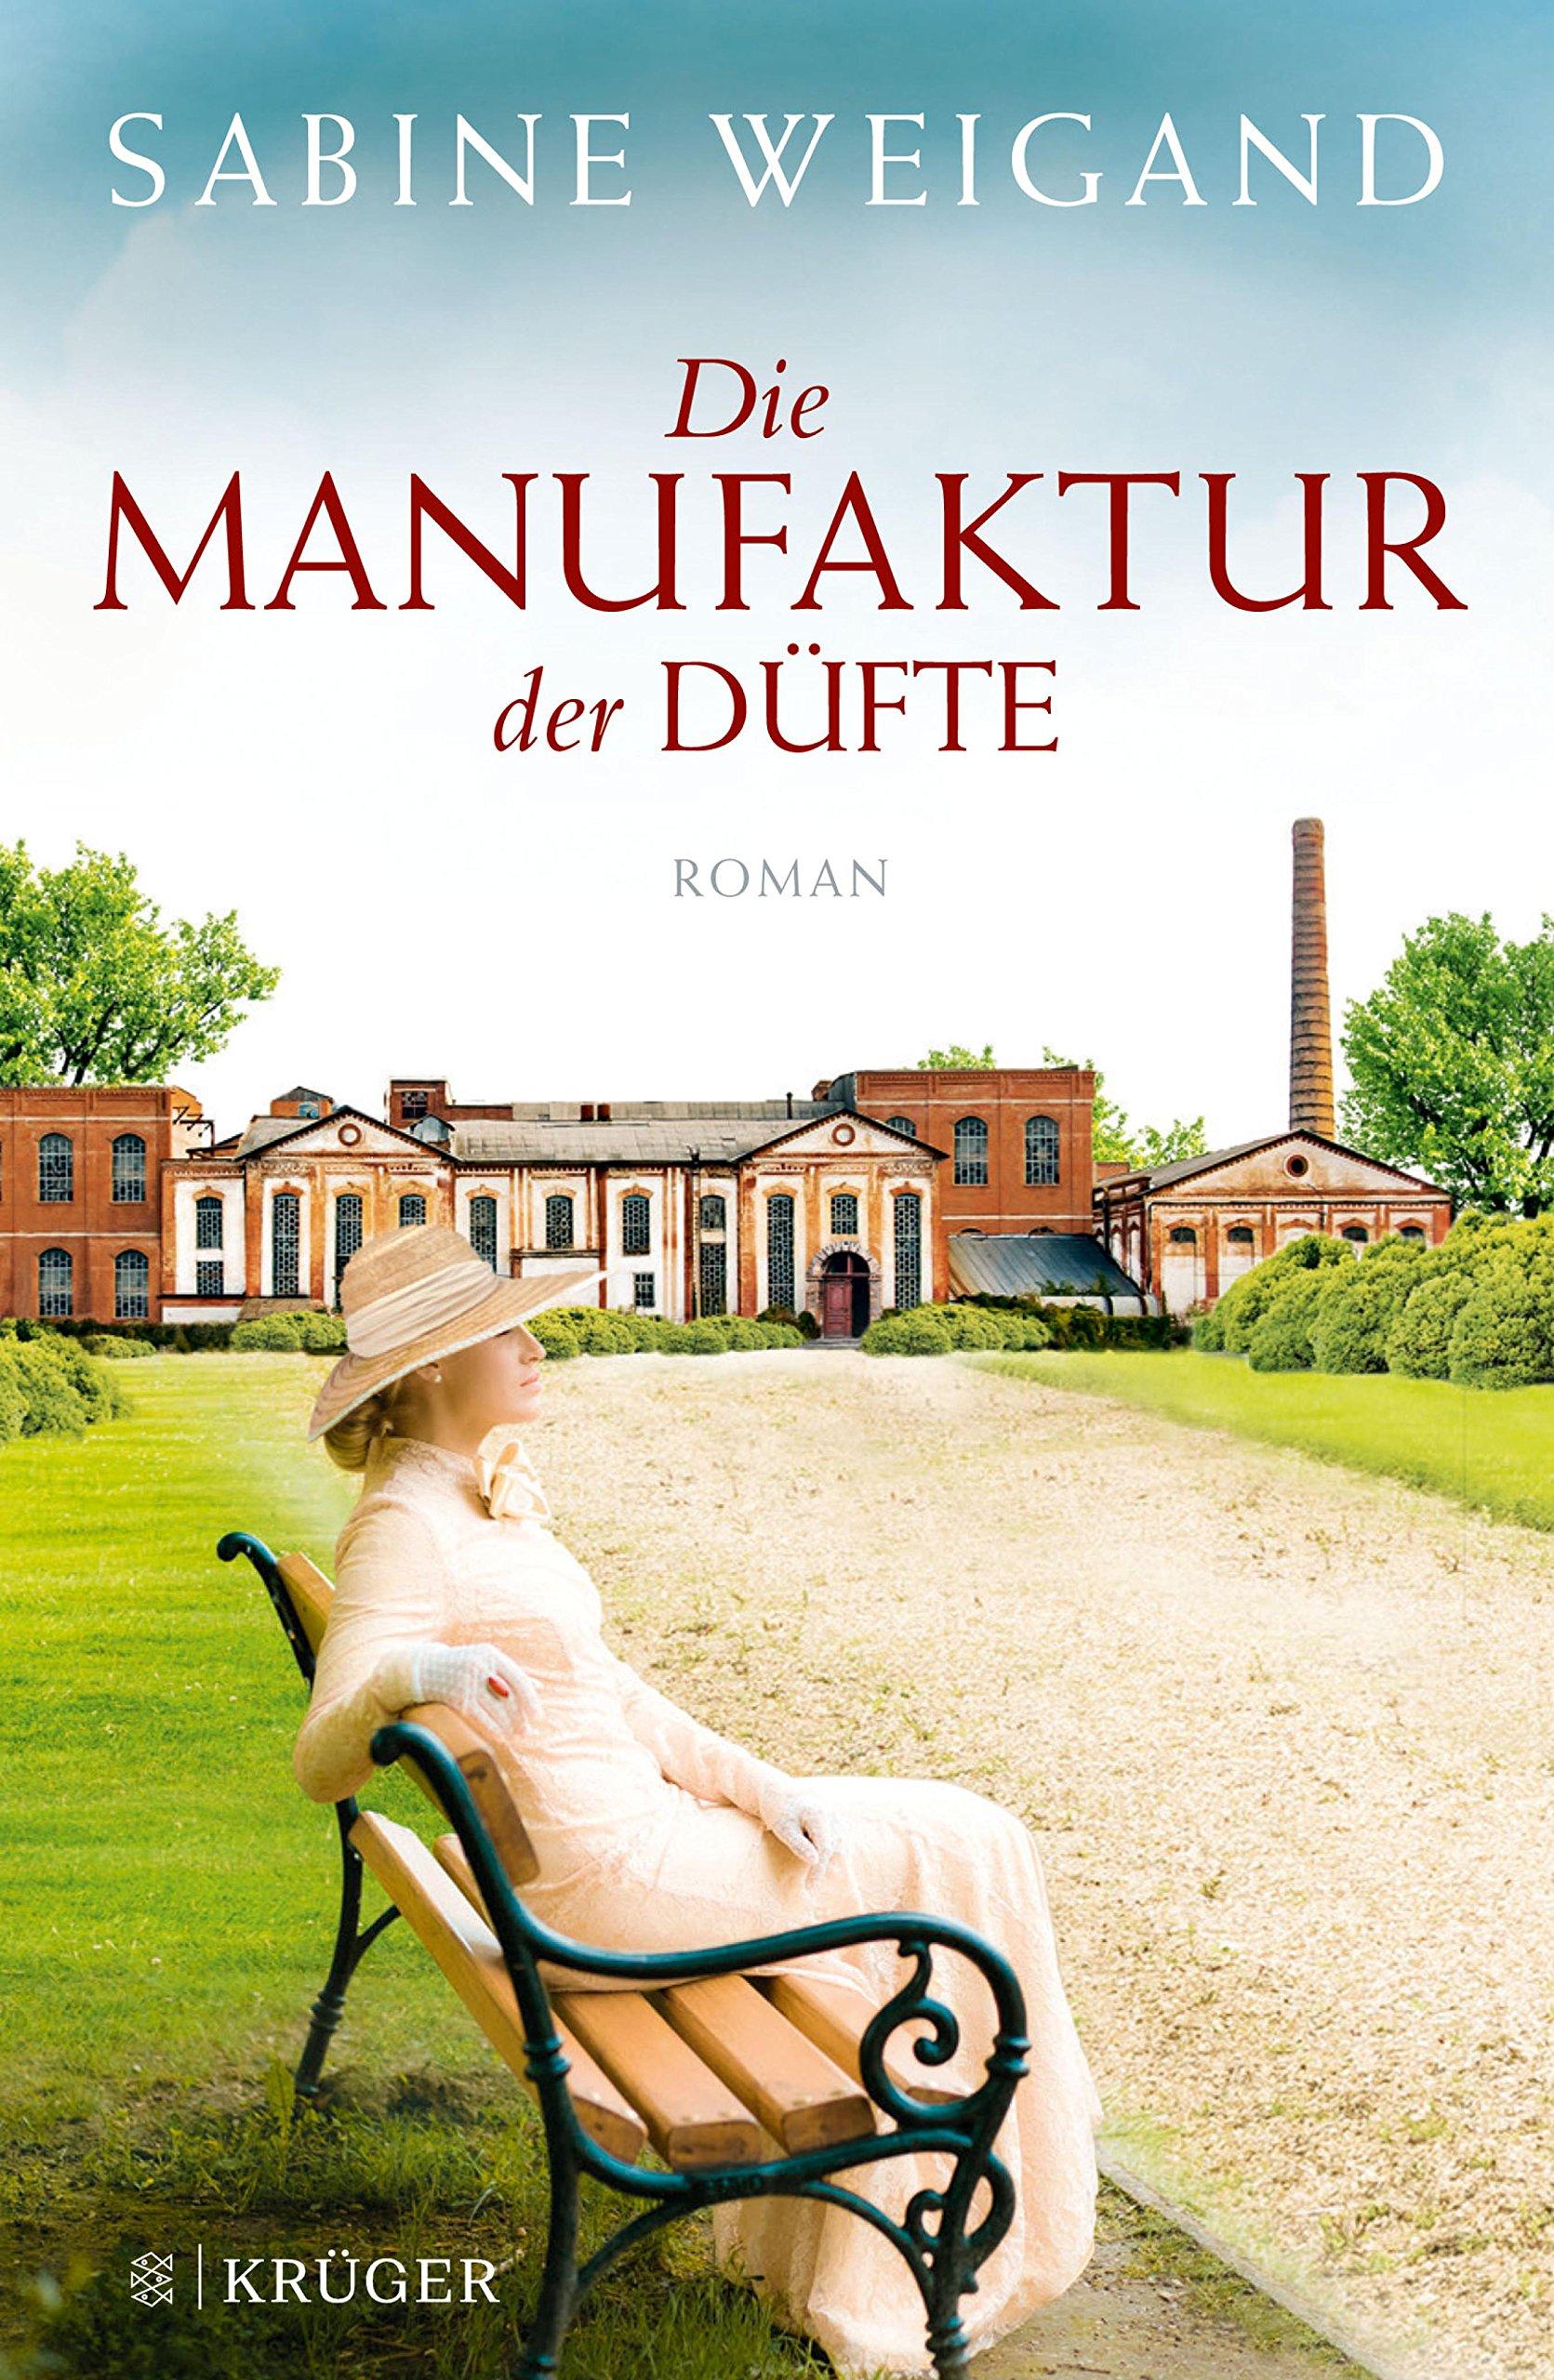 Die Manufaktur der Düfte: Roman Sabine Weigand